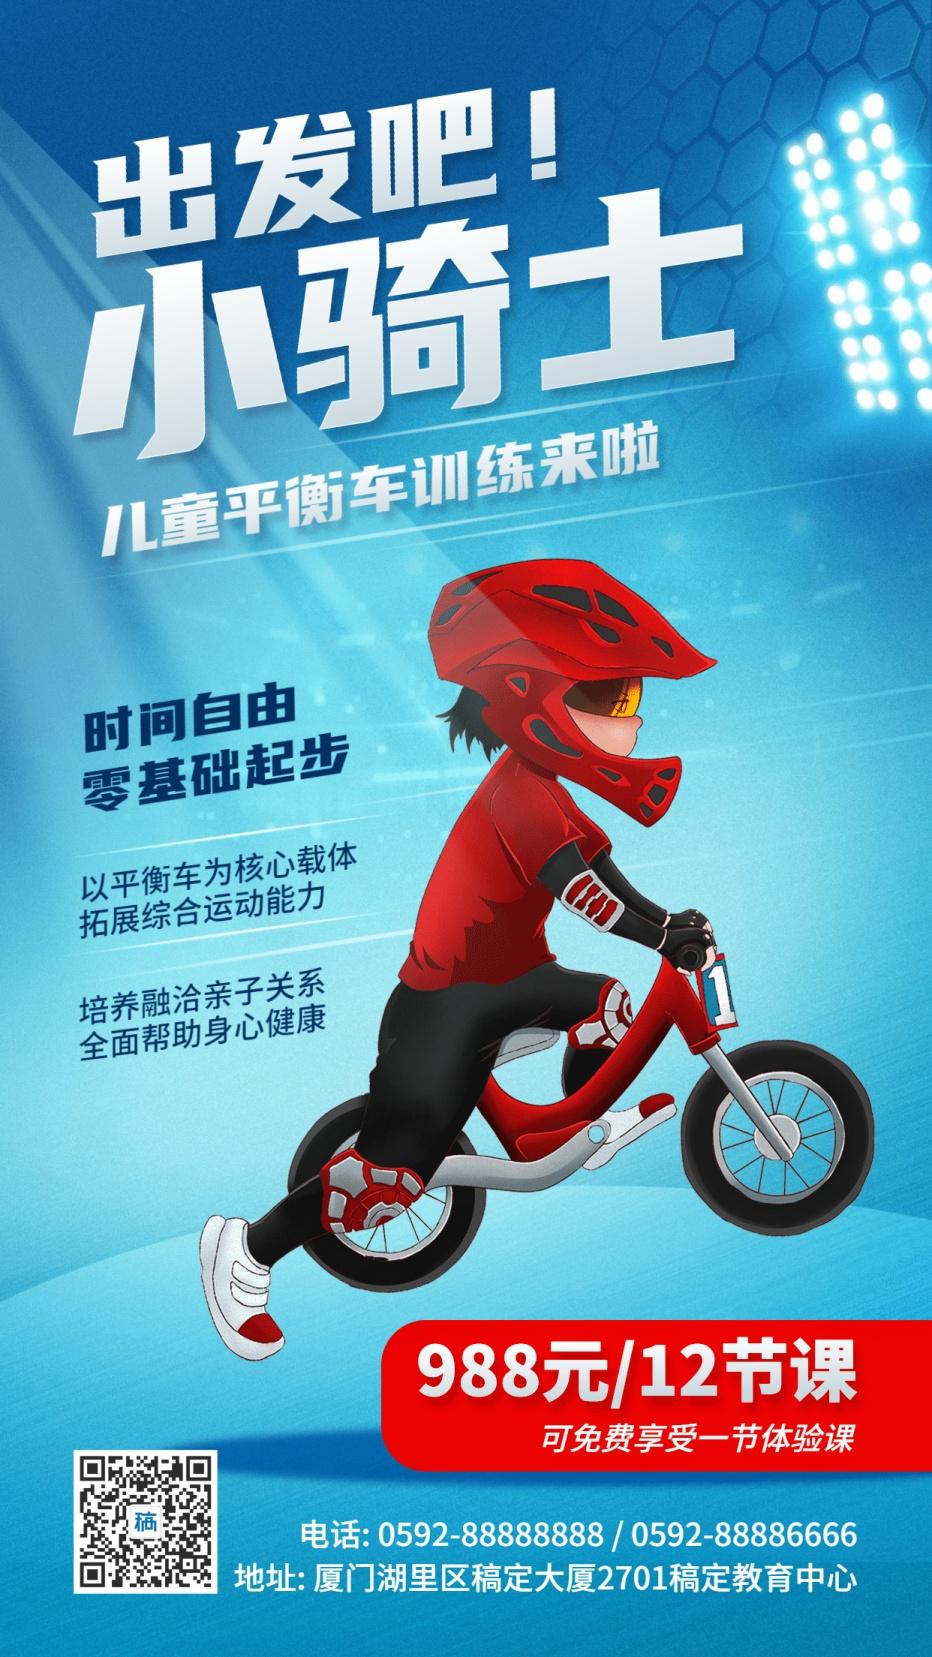 平衡车兴趣班暑假招生海报